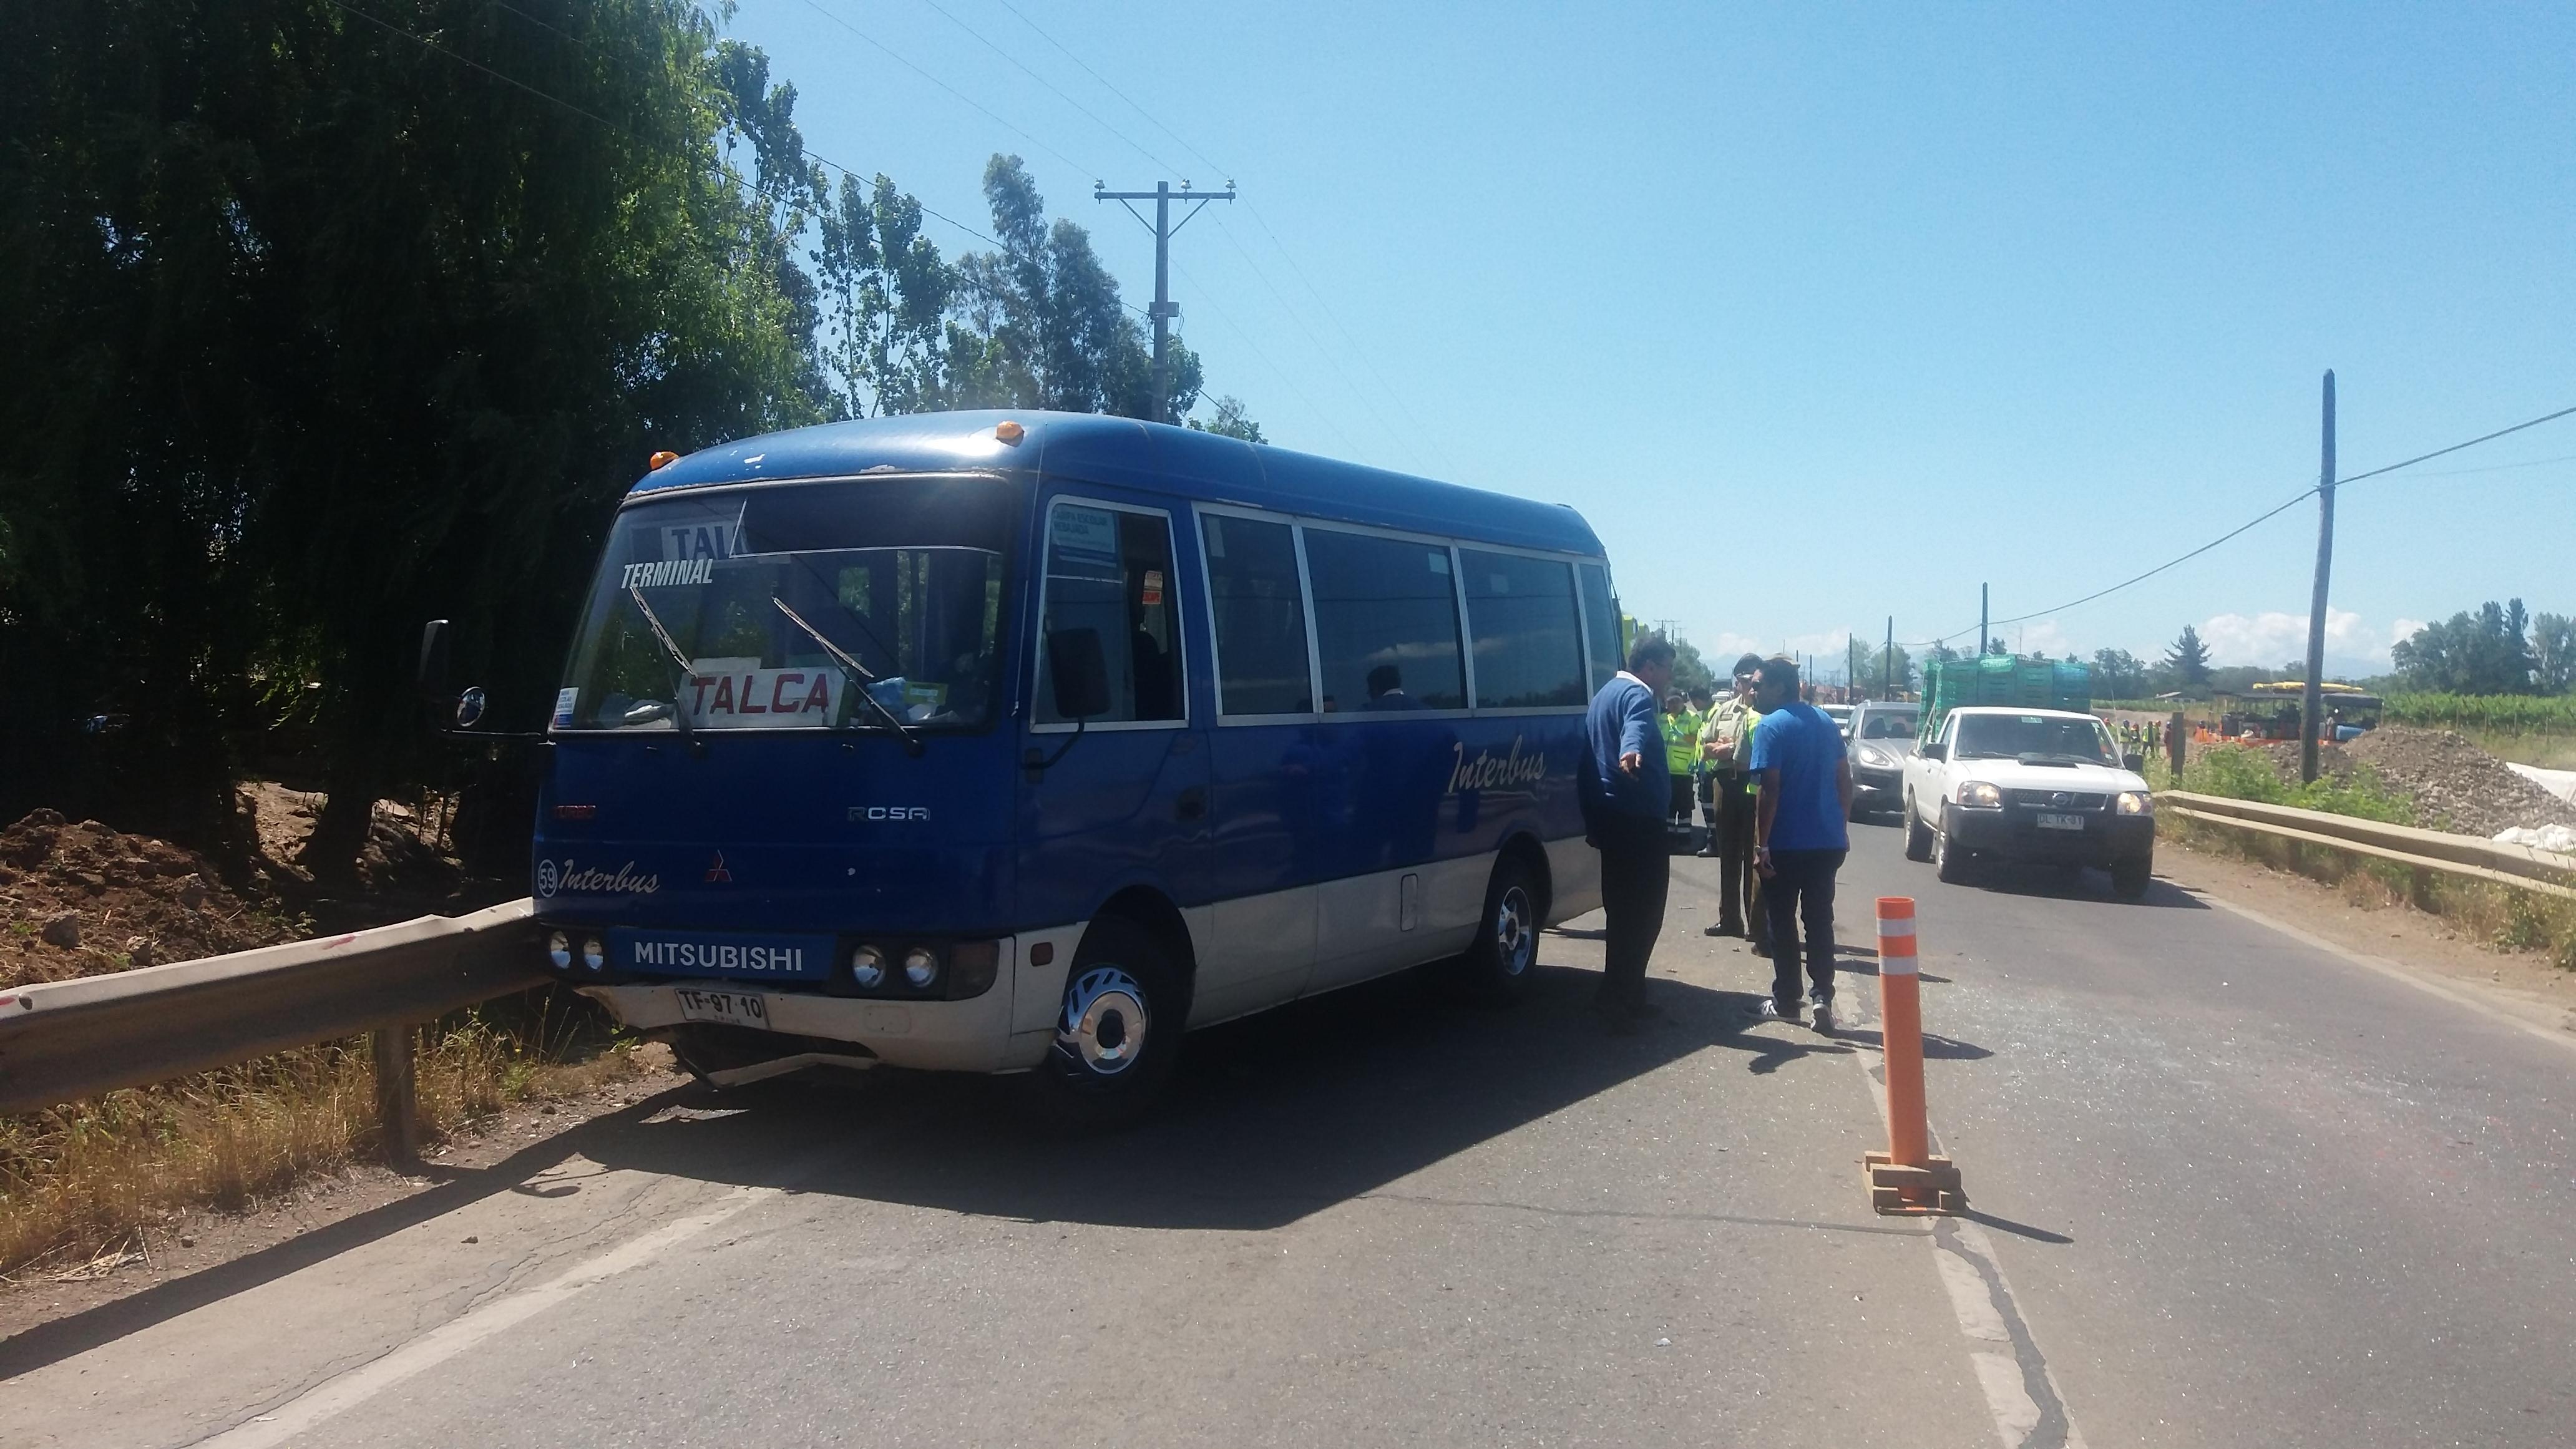 6 PASAJEROS HERIDOS, DEJA COLISIÓN POR ALCANCE ENTRE MINIBUS Y CAMIÓN EN RUTA TALCA-SAN CLEMENTE